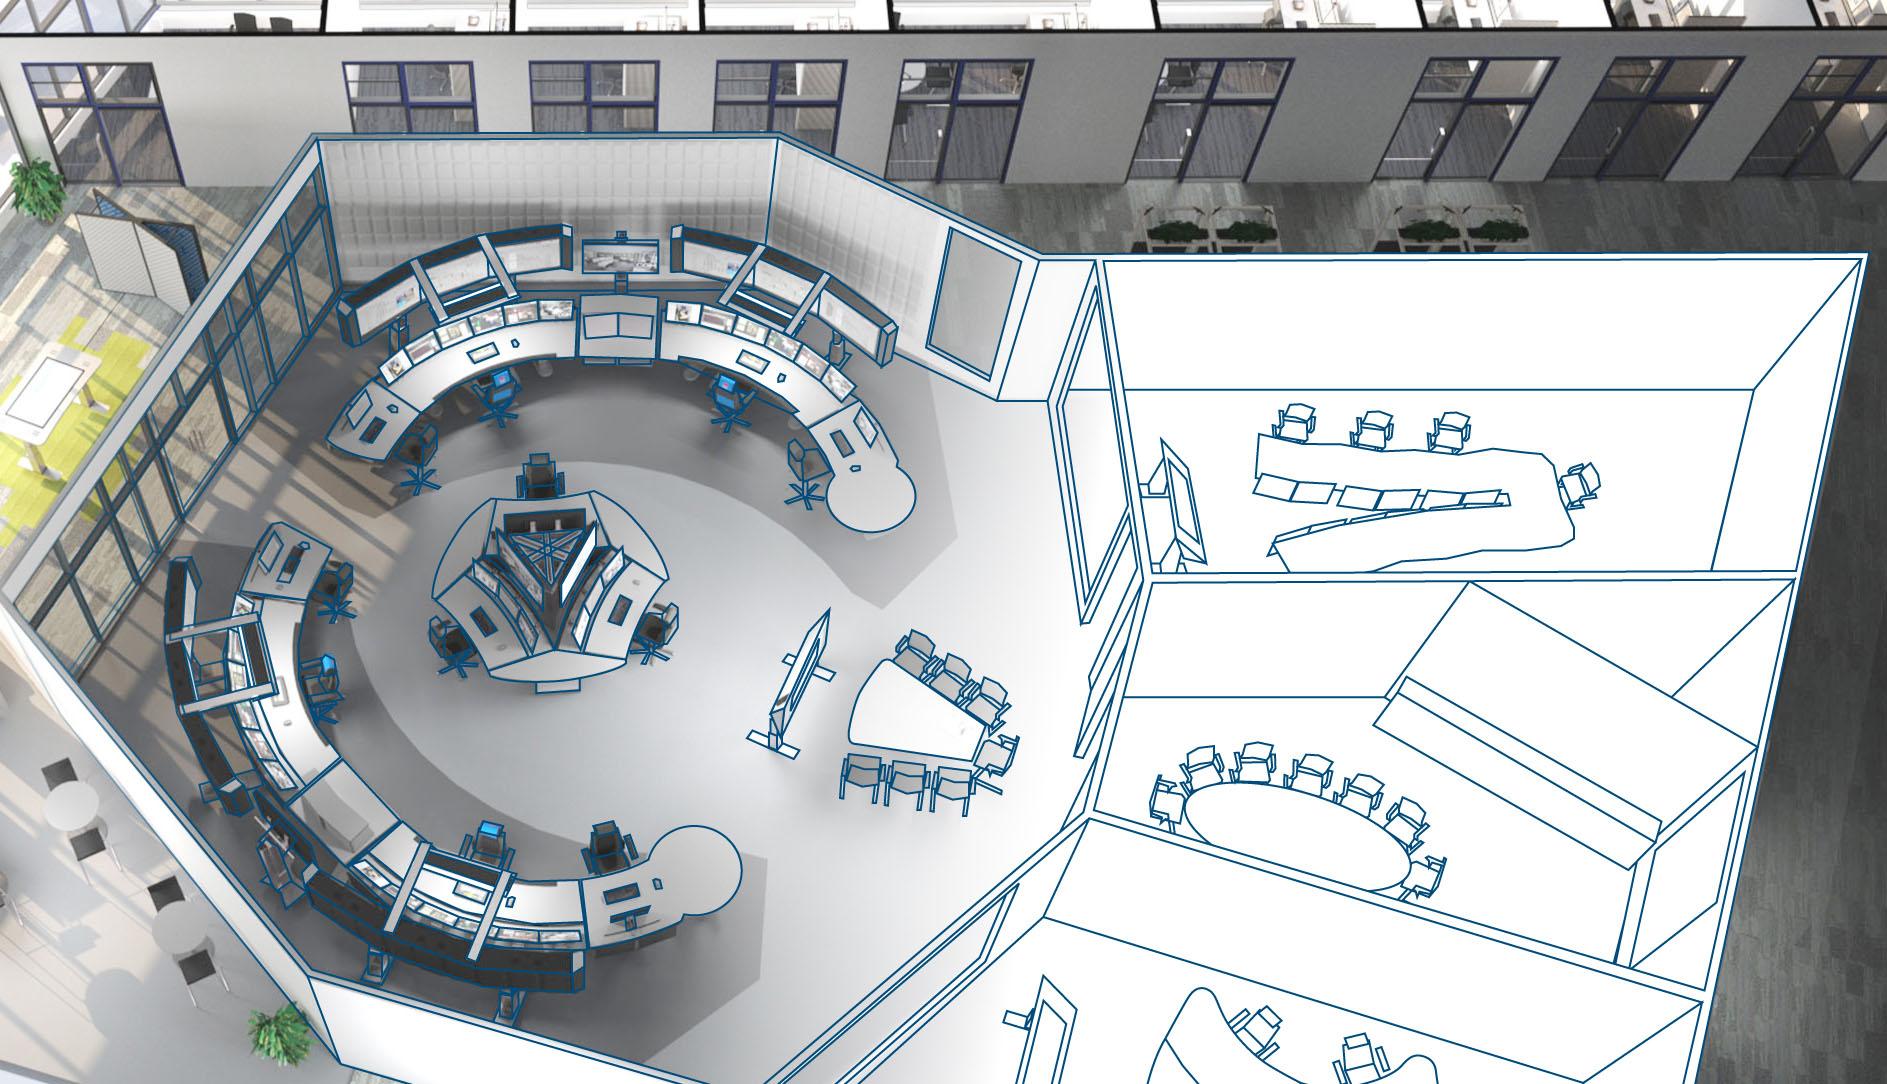 control room design [ 1887 x 1084 Pixel ]